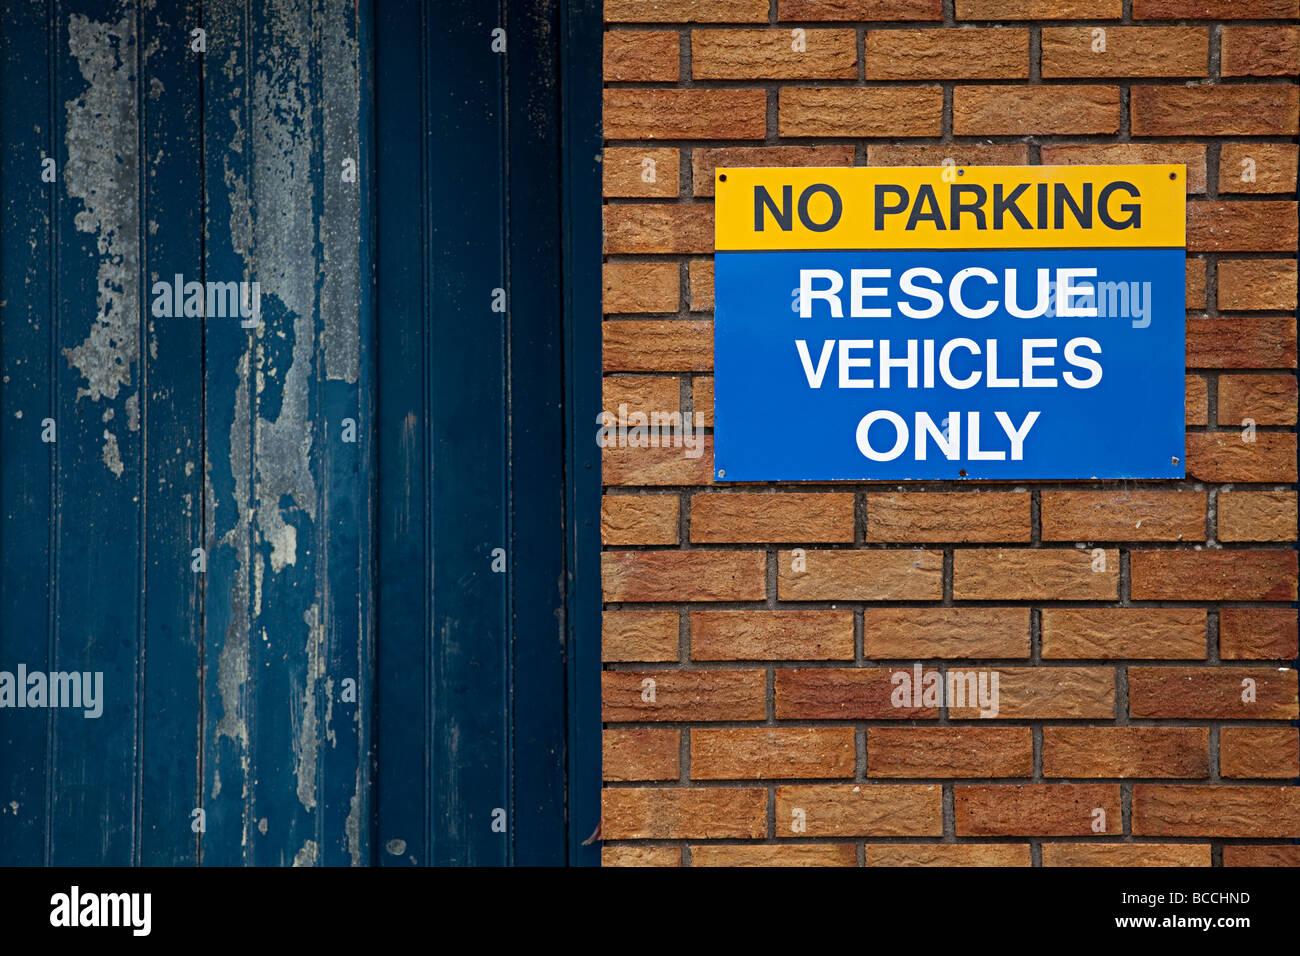 Aucun stationnement de véhicules de sauvetage seul signe sur mur de brique à côté de la porte Photo Stock